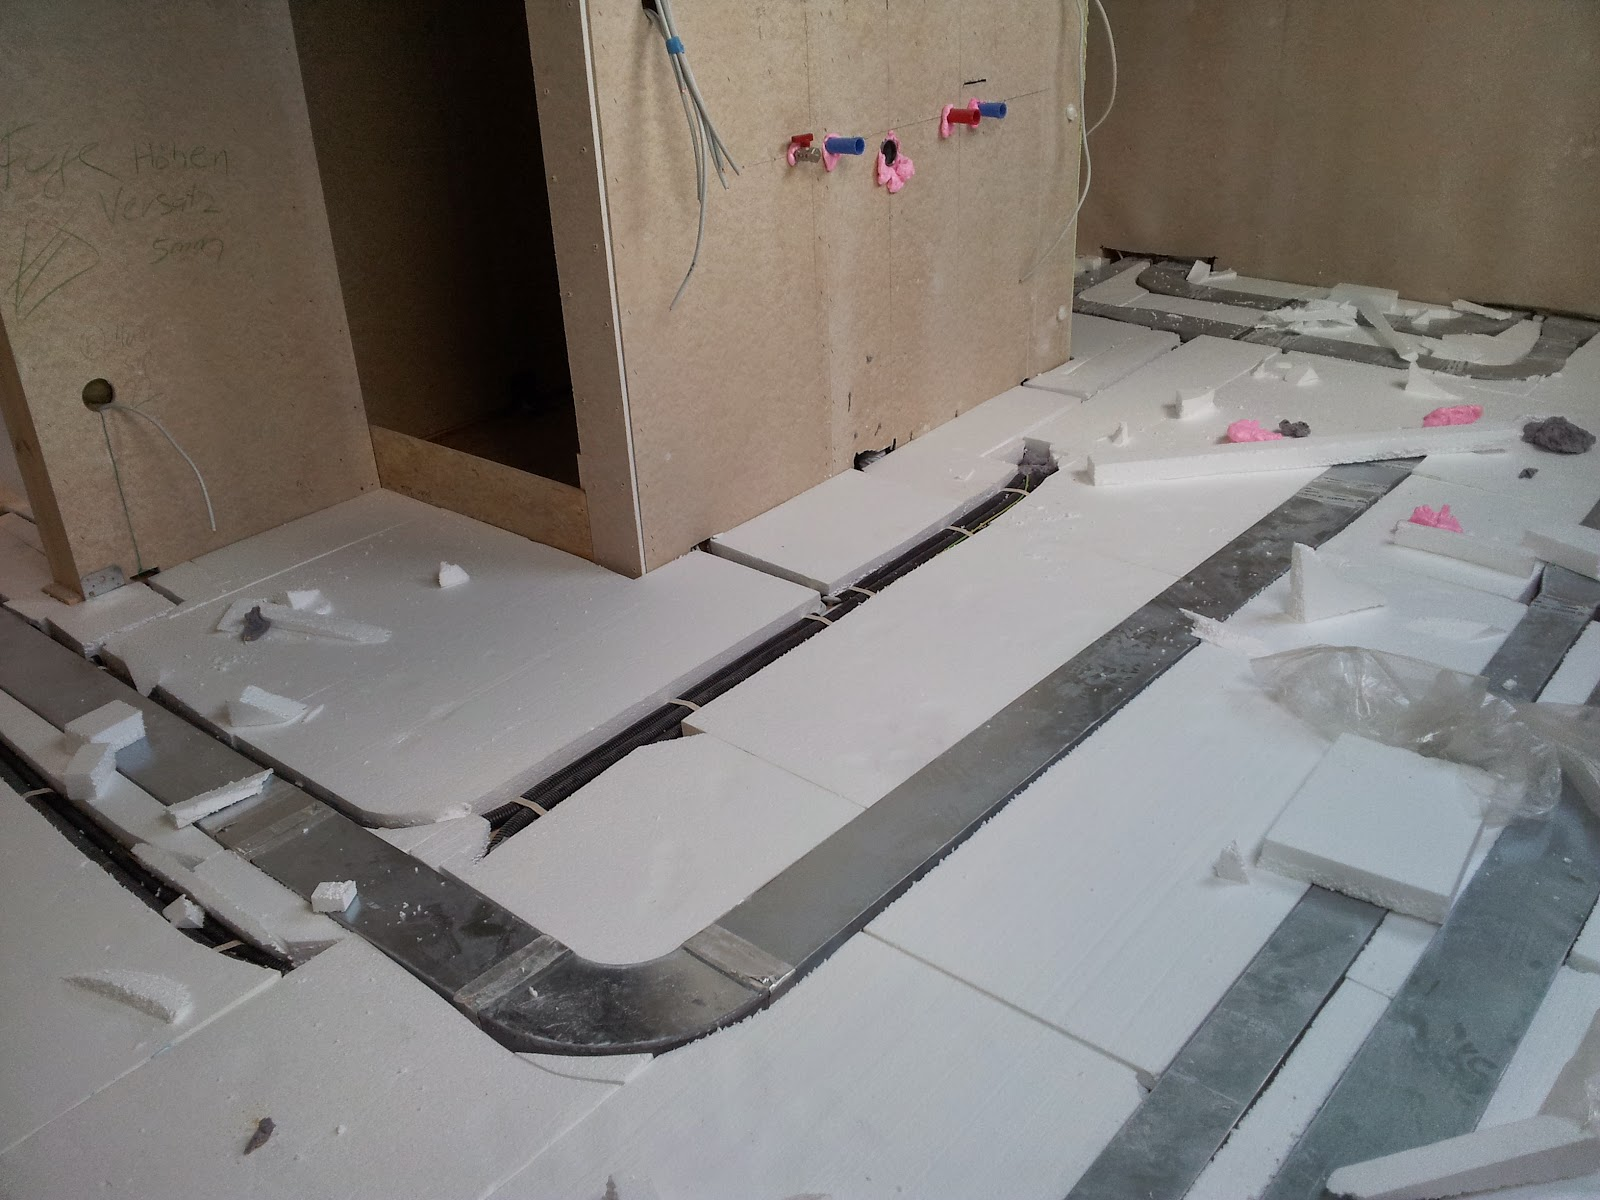 Dämmung Fußboden Wlg 030 ~ Fußboden dämmung fußbodendämmung anwendungen von jasmin Öko